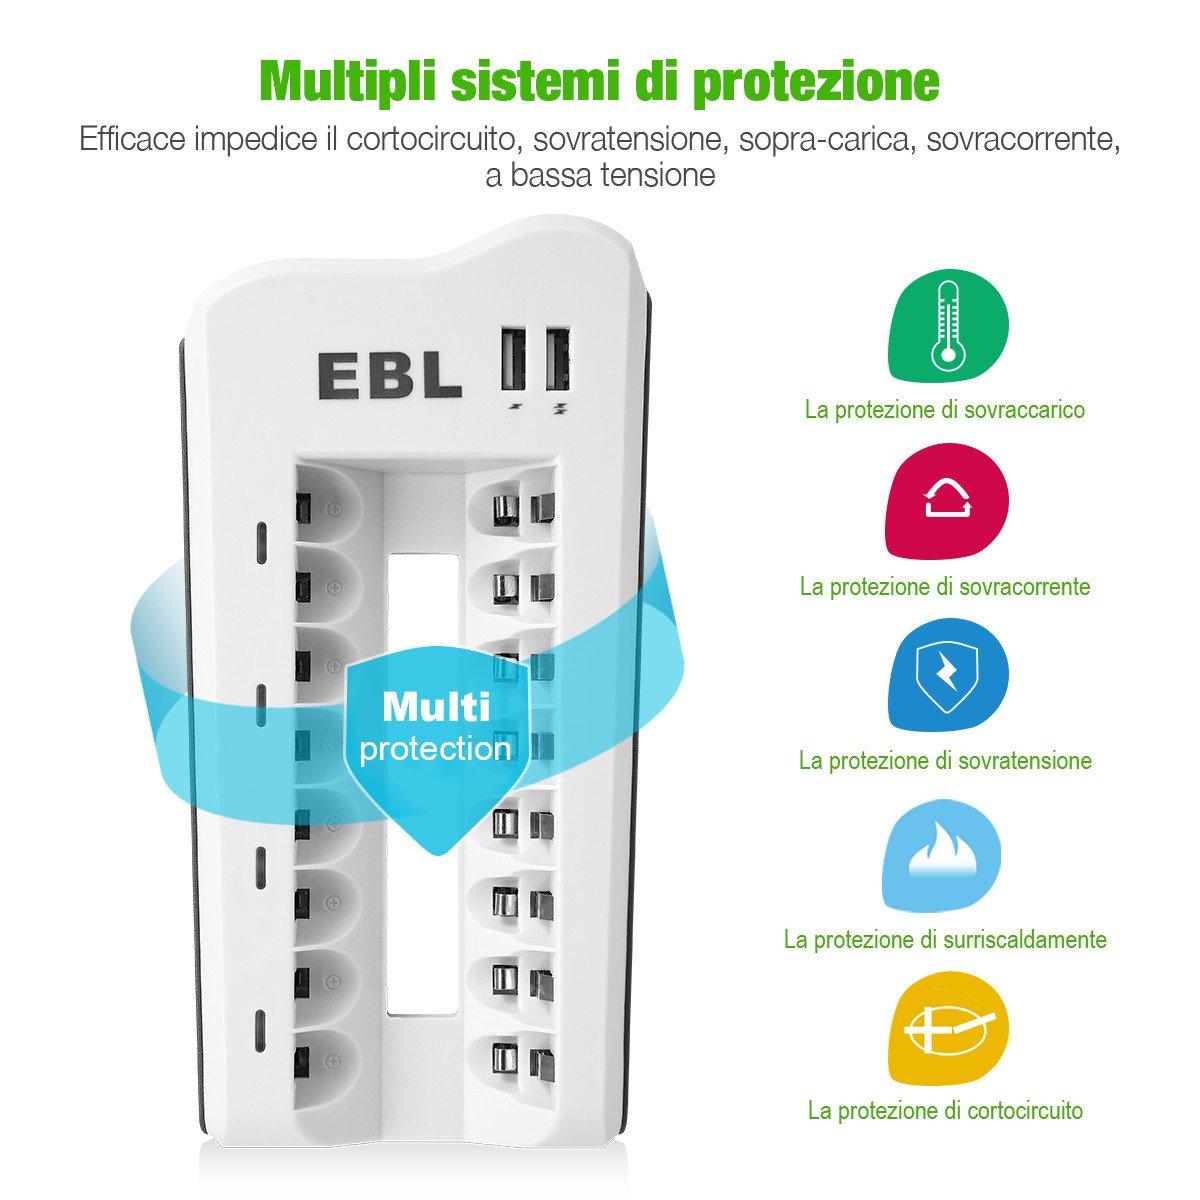 EBL Caricabatterie 8 slot A Sina per batterie ricaricabili AA e AAA NI-MH NI-CD, con due USB output, confezione con AA pile ricaricabili da 8 pezzi